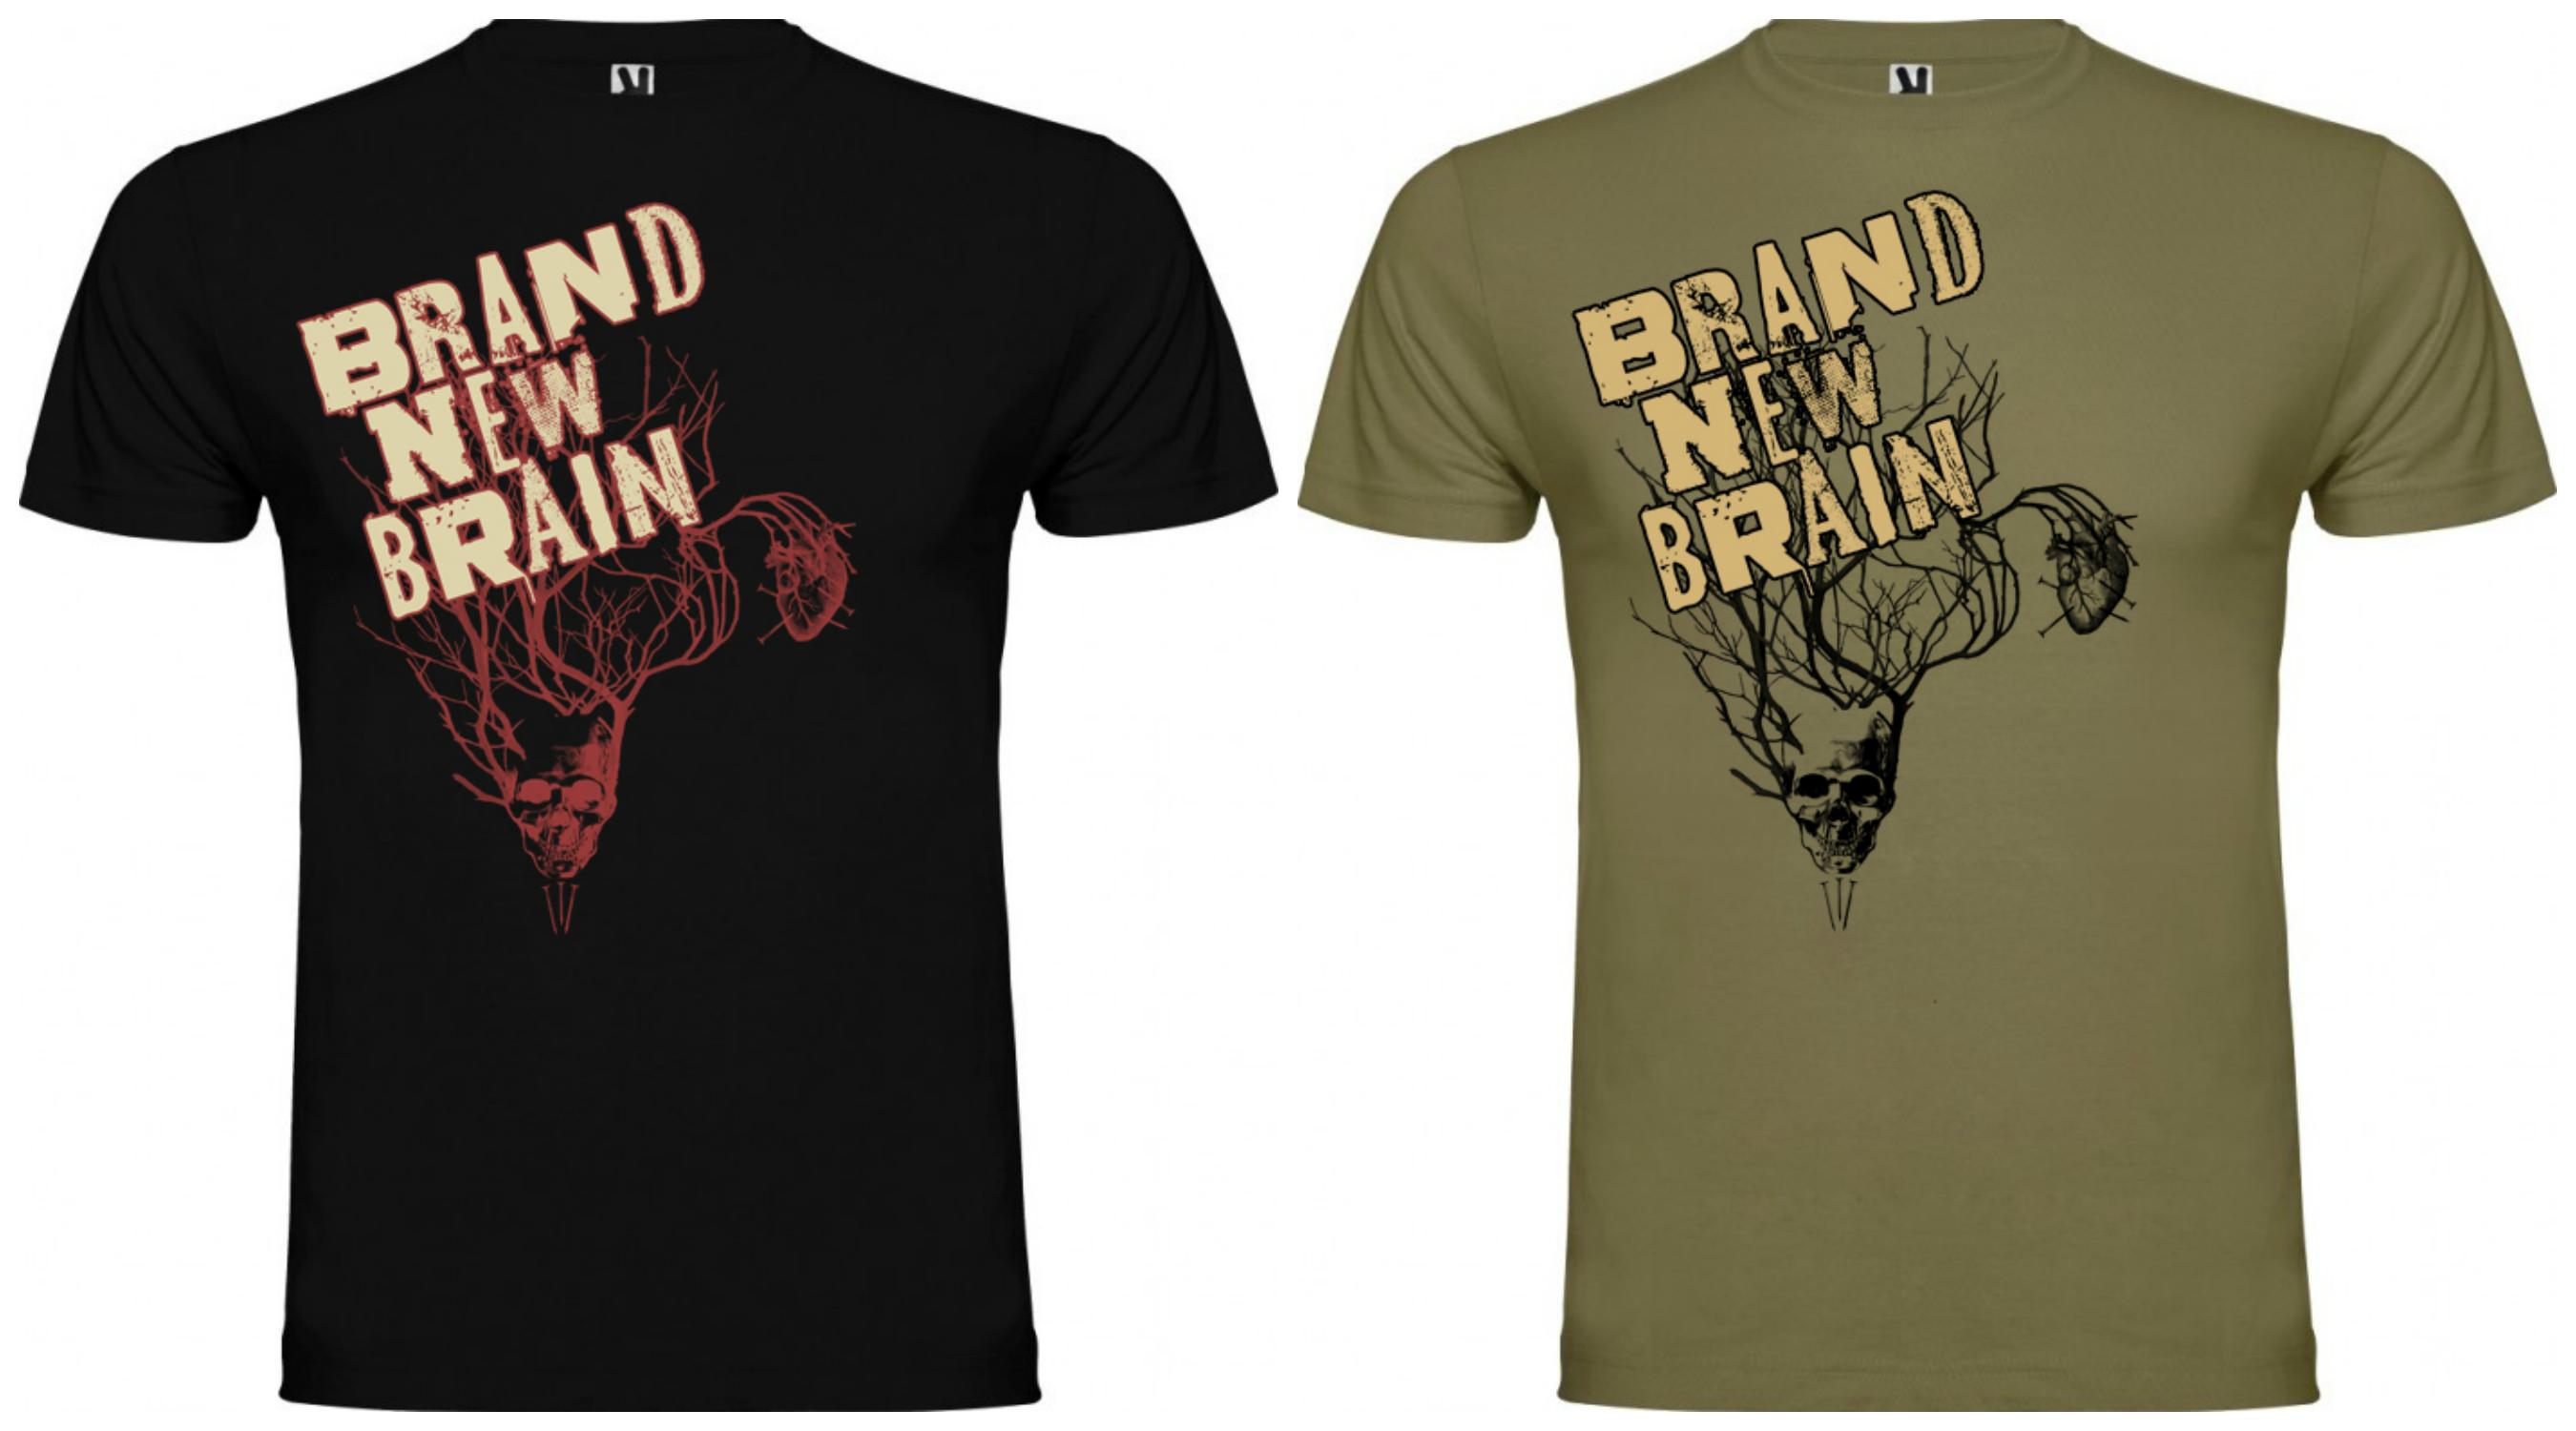 Nuevas camisetas de Brand New Brain